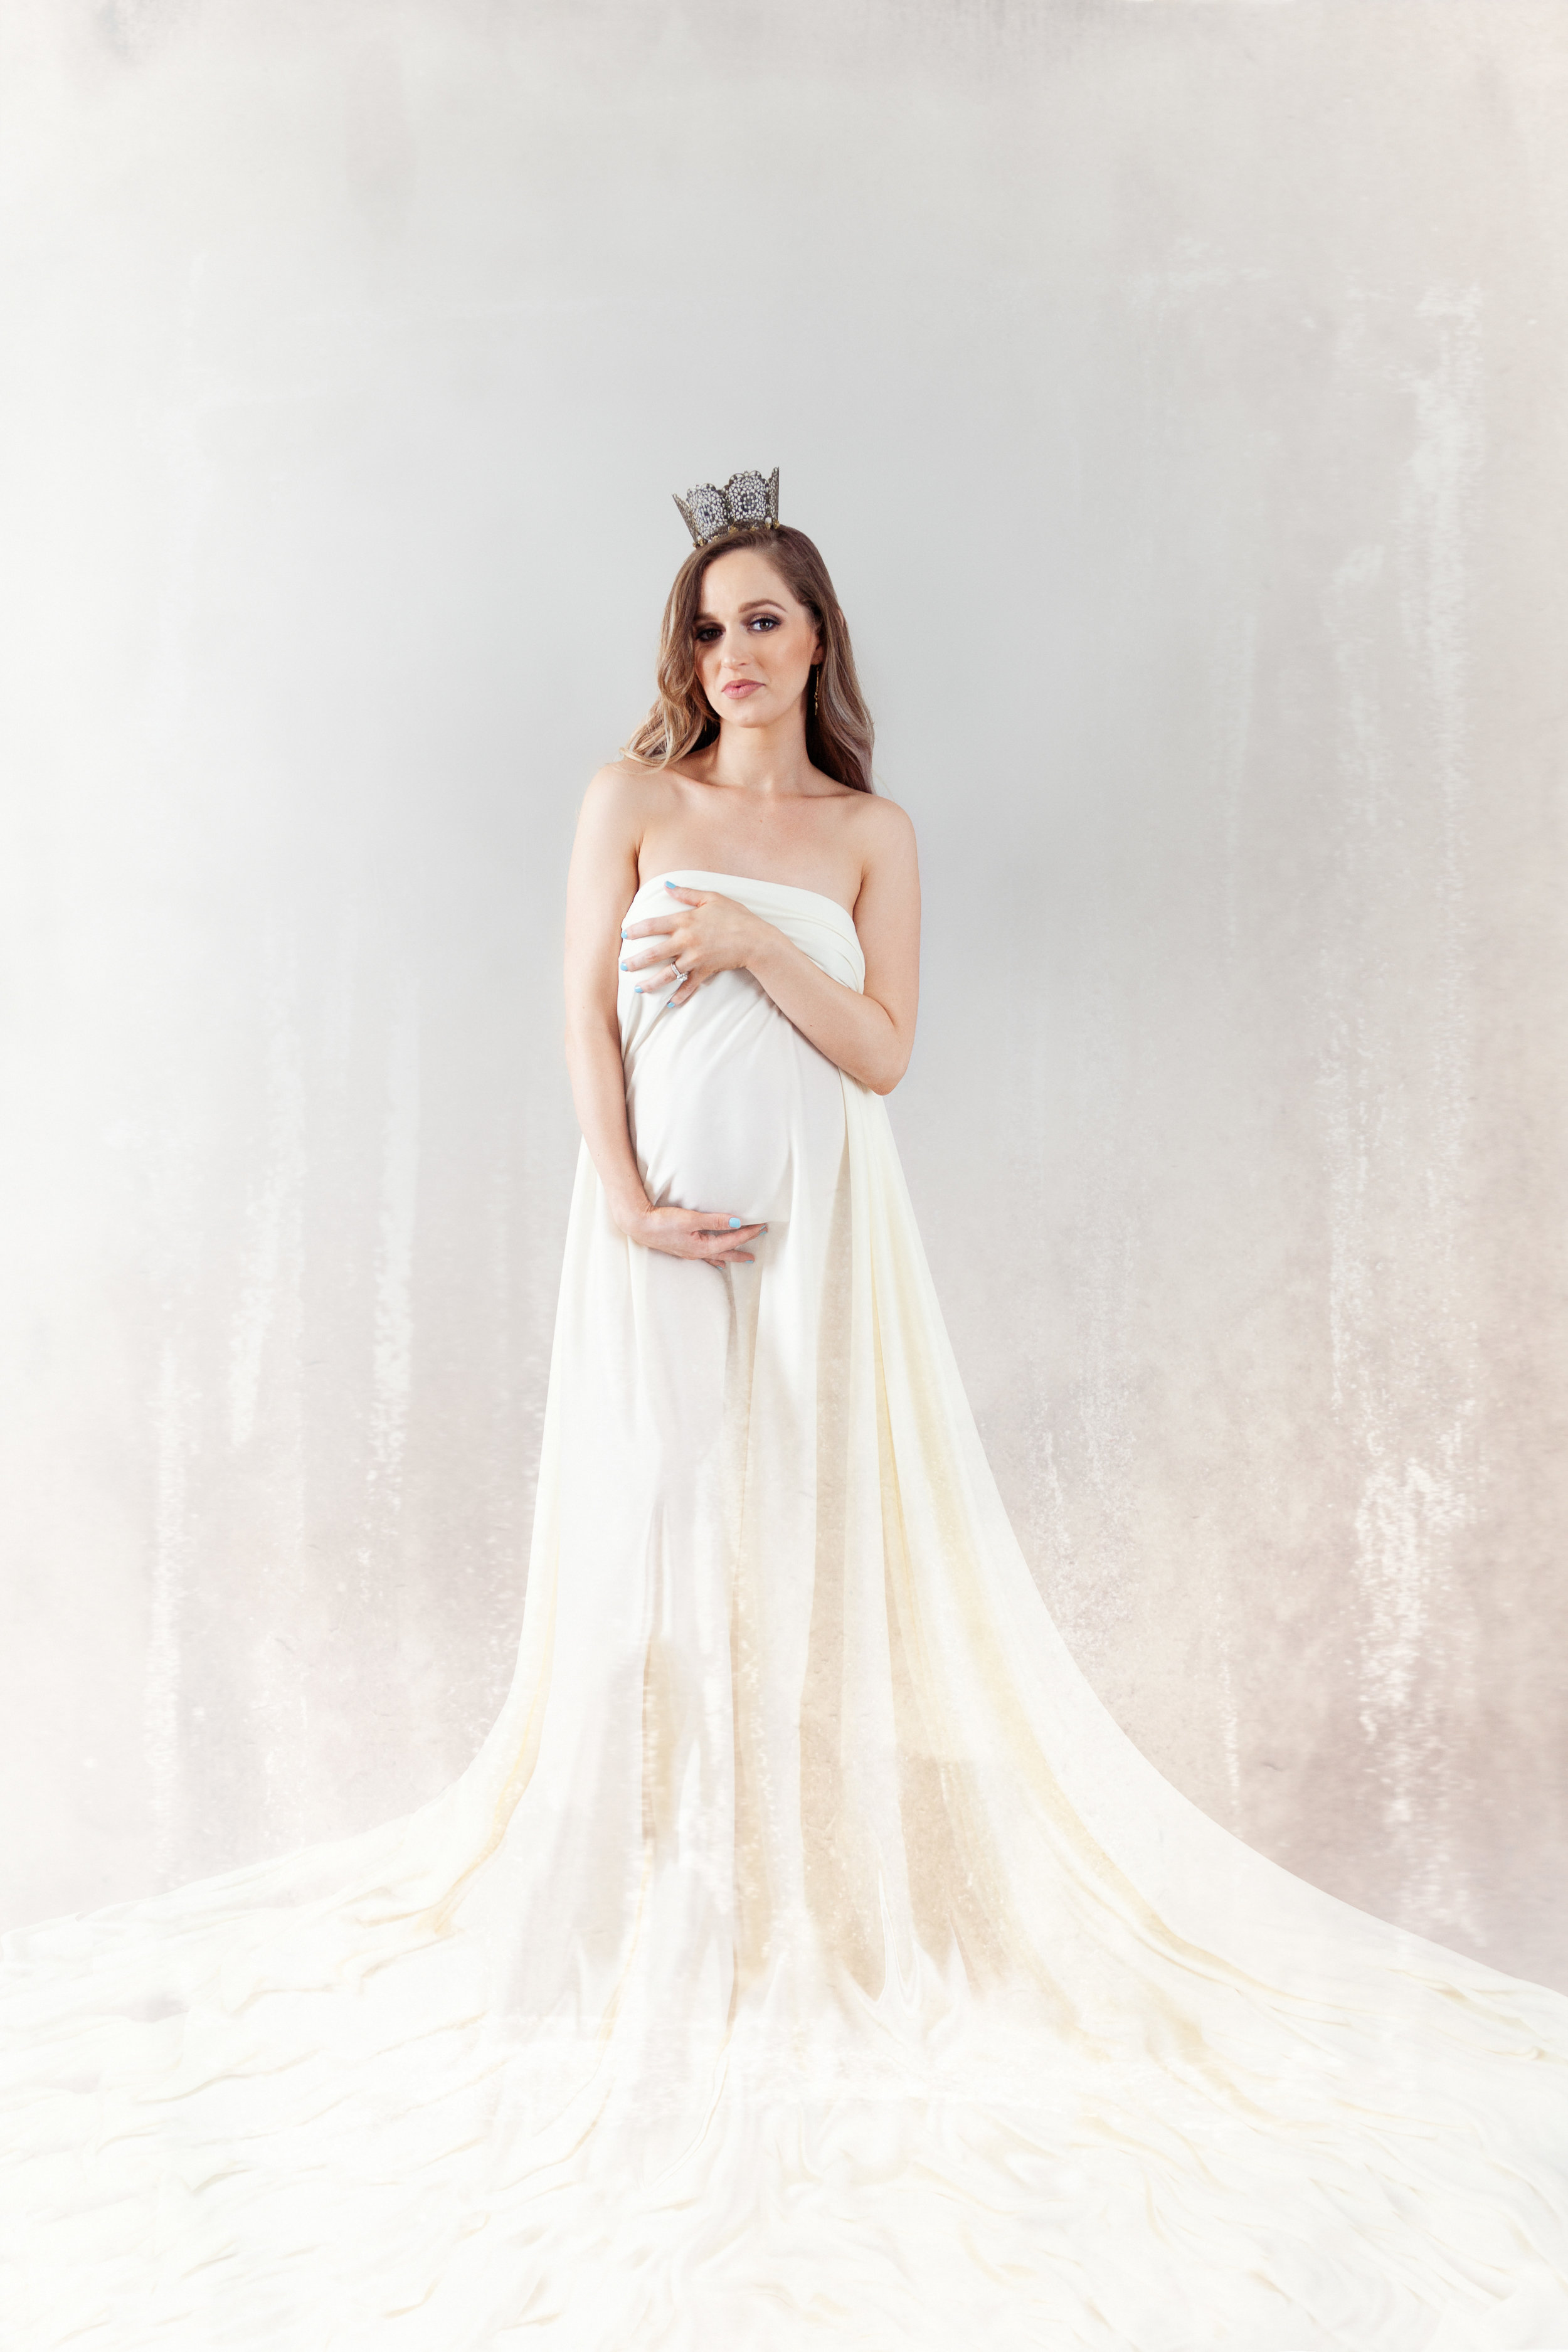 Artistic Maternity - $150 session feePre-consultationAccess to wardrobe and accessories60 min. in-studio session$95 per digital file